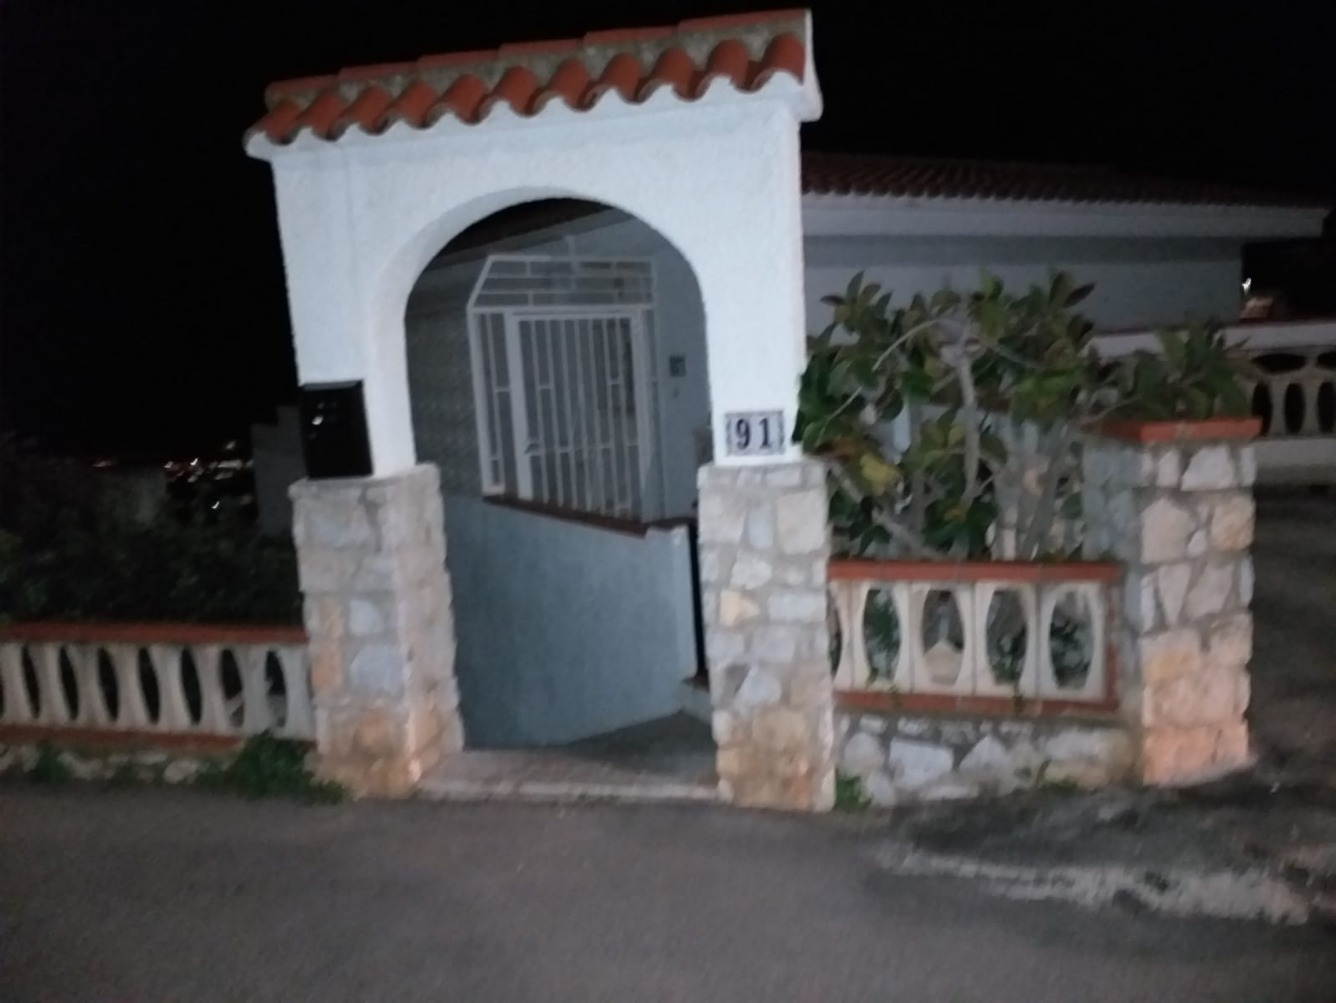 Lloguer Pis  Peñíscola / peníscola - las atalayas - urmi - cerro de mar. Piso 2 habitaciones en peñiscola